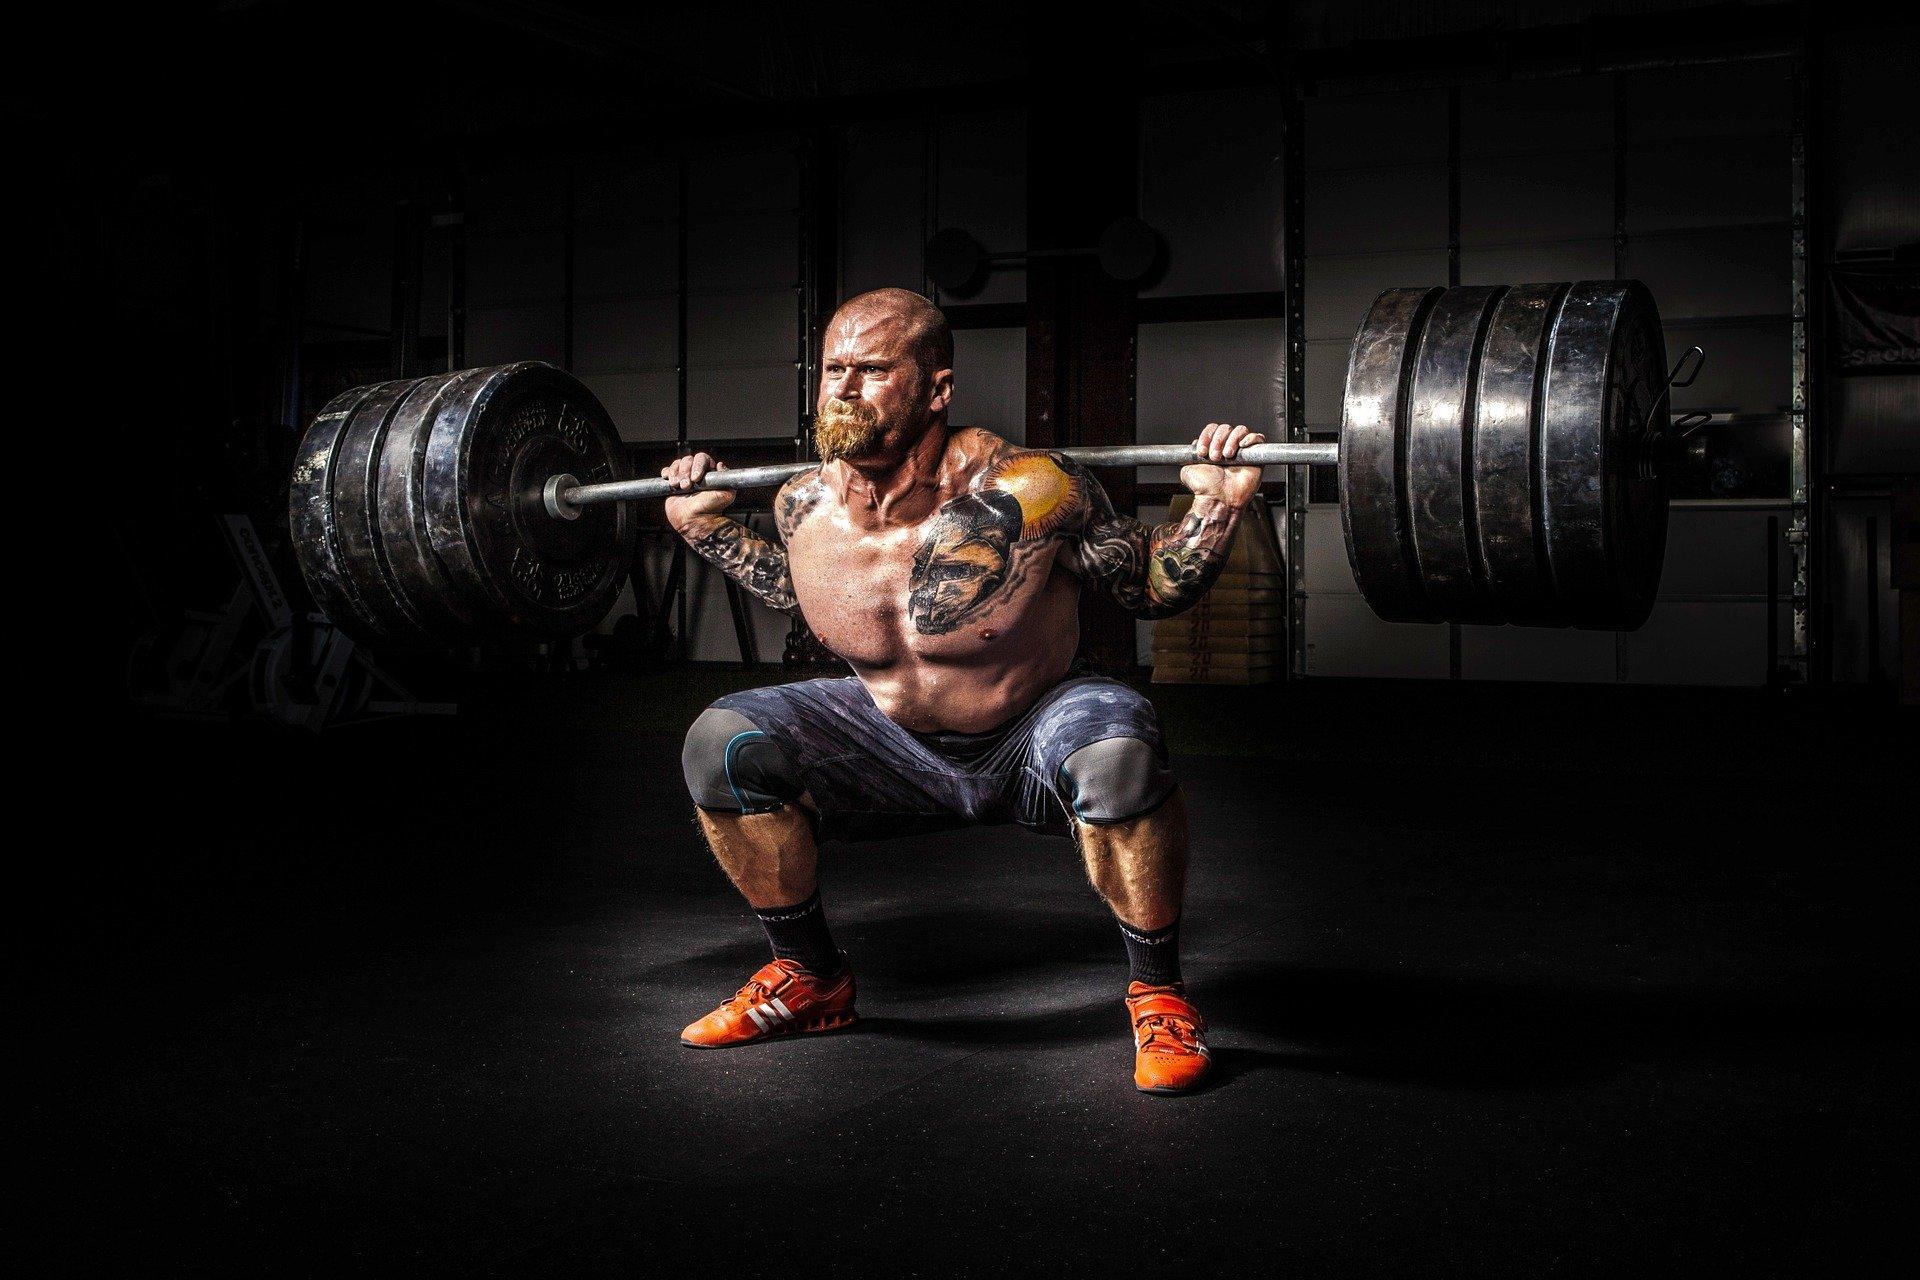 siłacz mężczyzna man stron power athlete